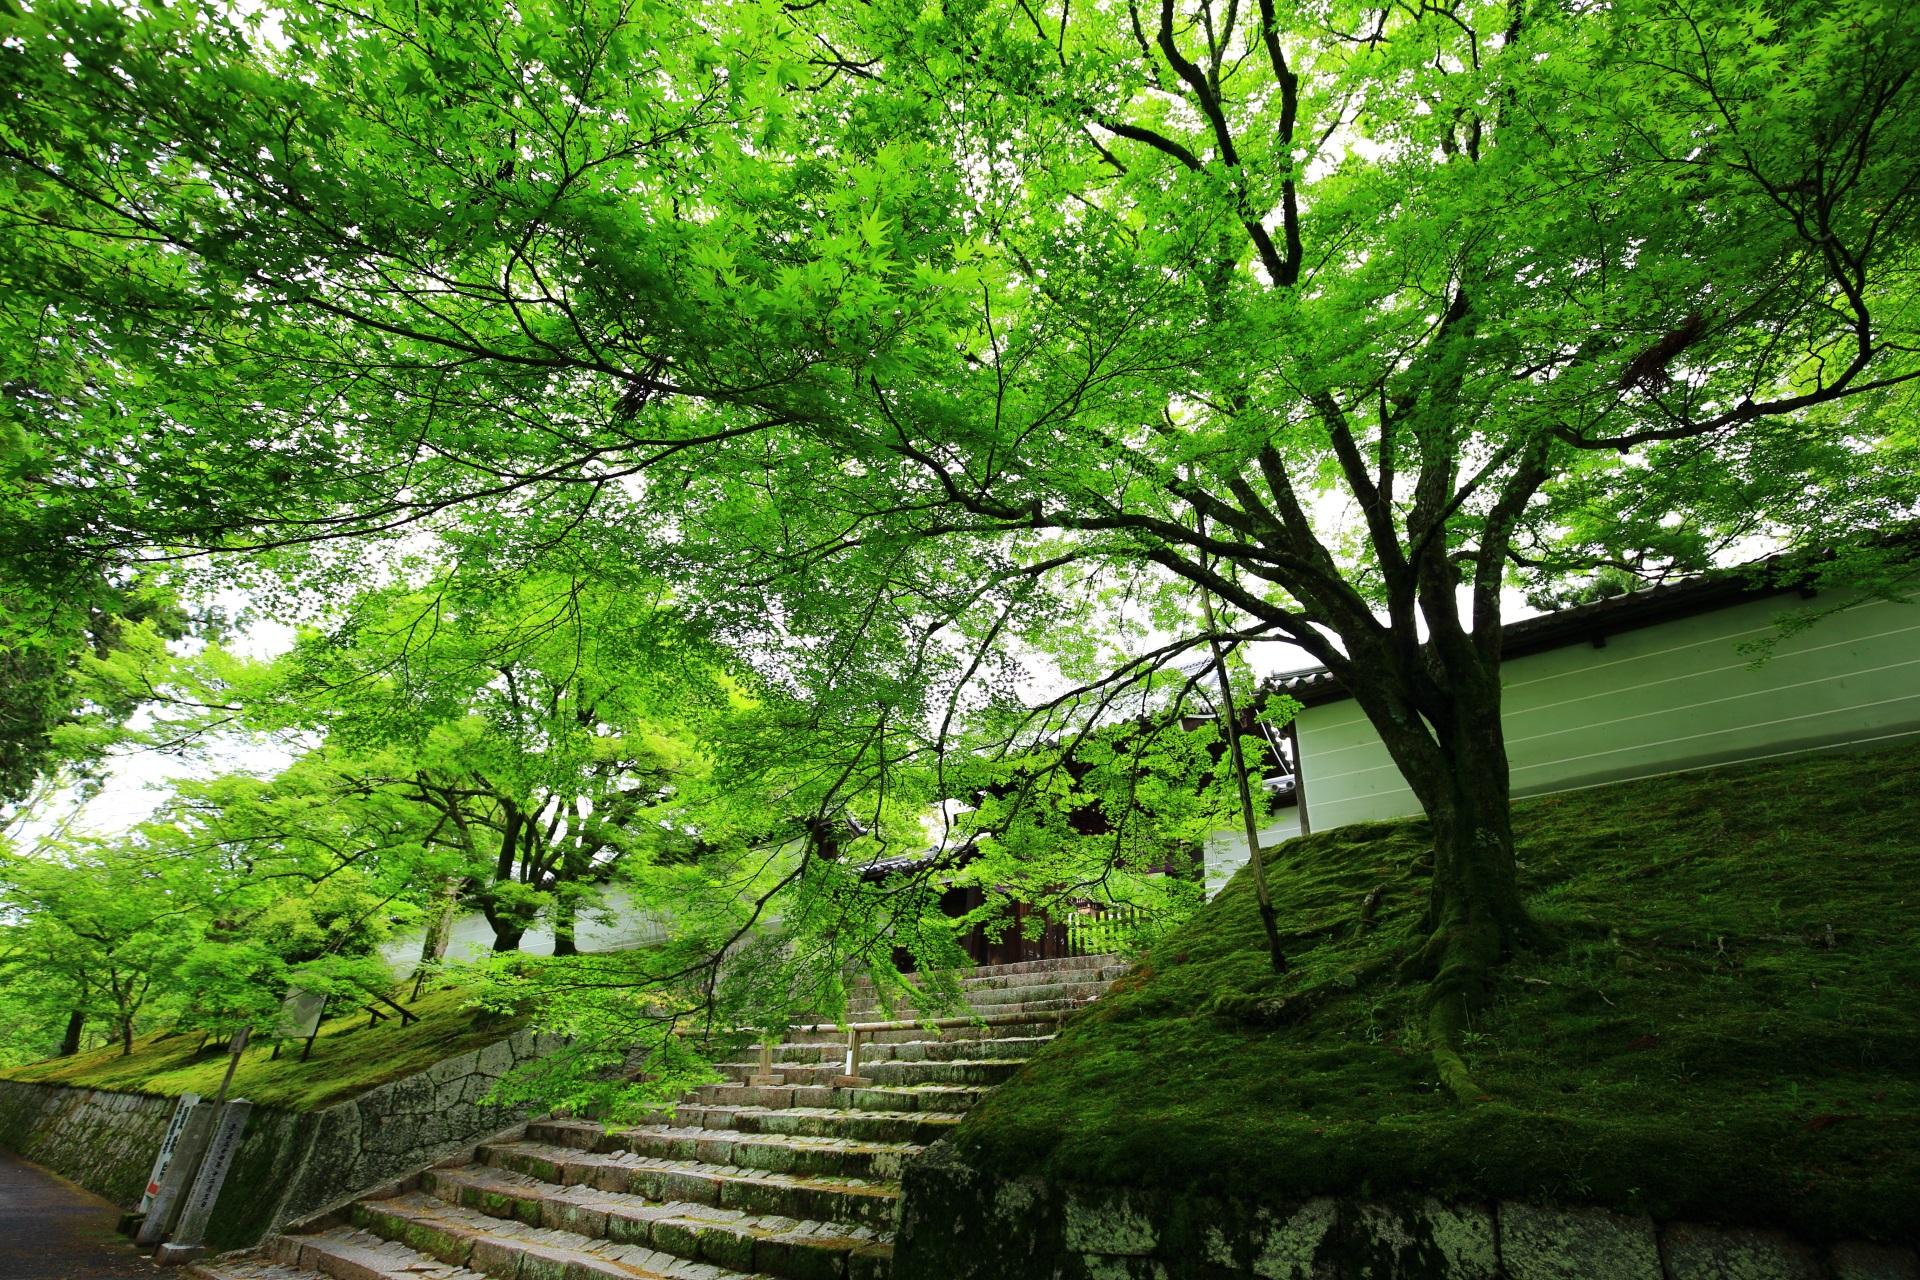 曼殊院の広がる新緑と苔の優しい緑の空間